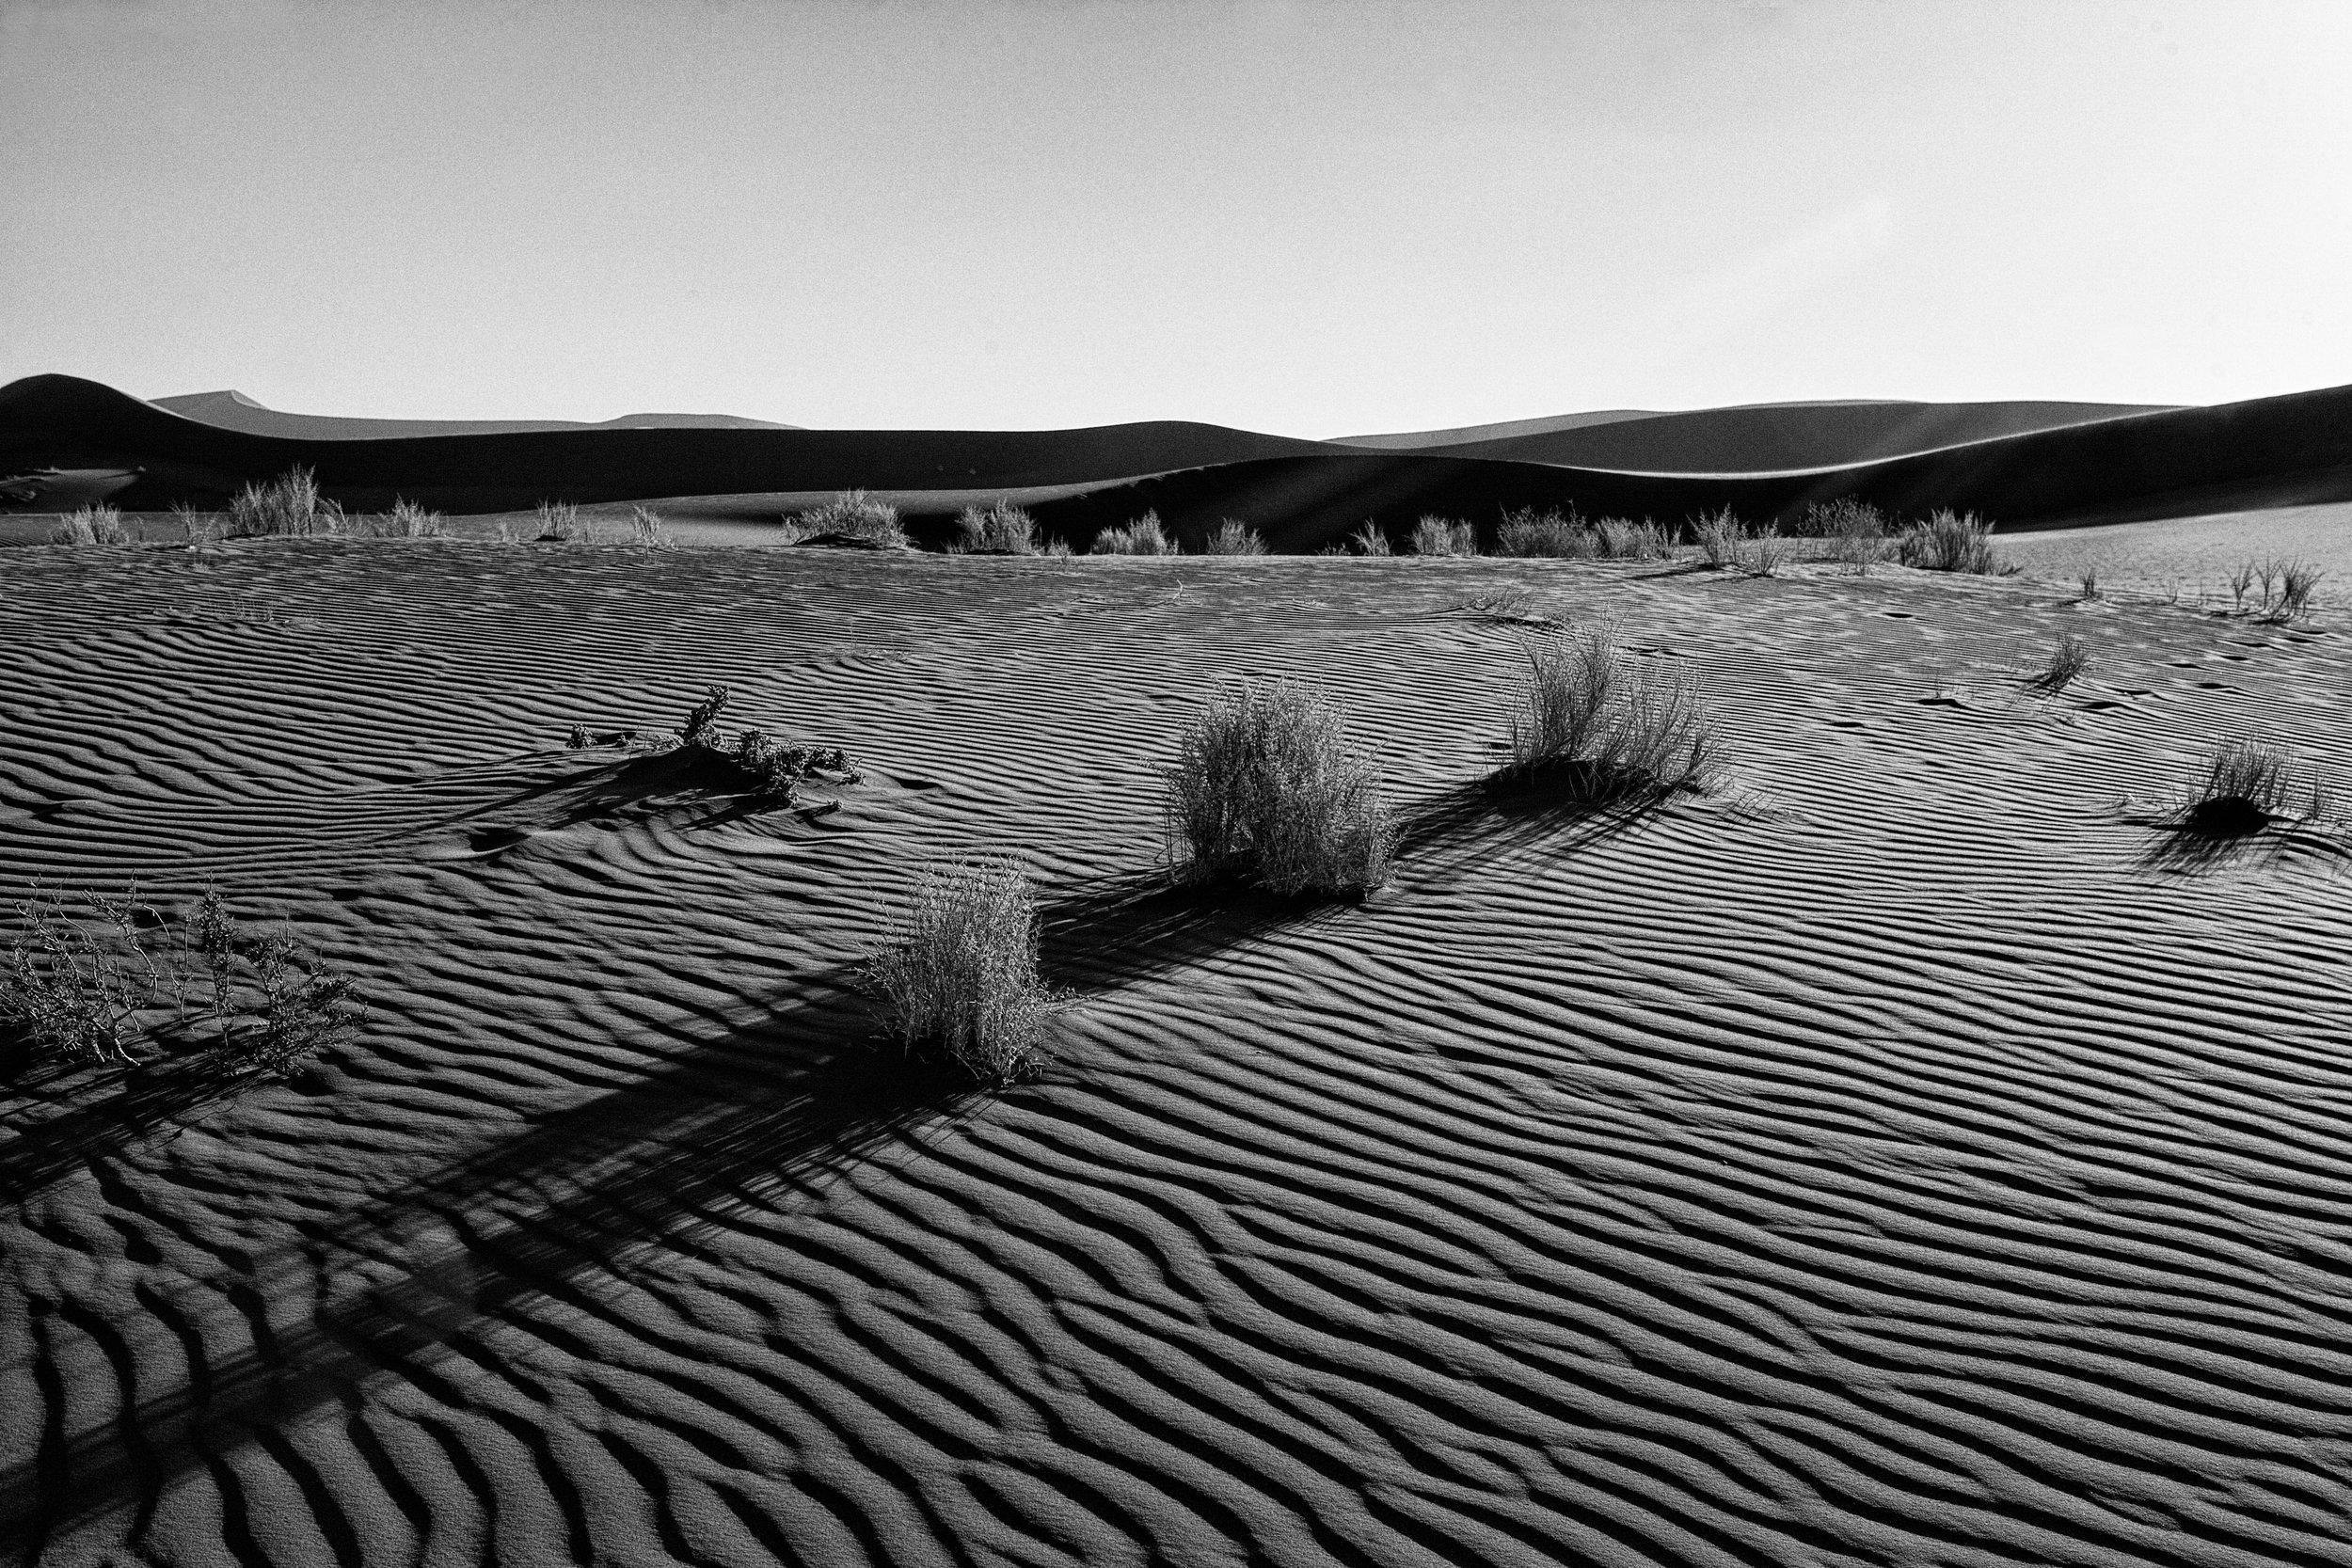 _MG_5751.CR2namibia2008-dunas-ig.jpg